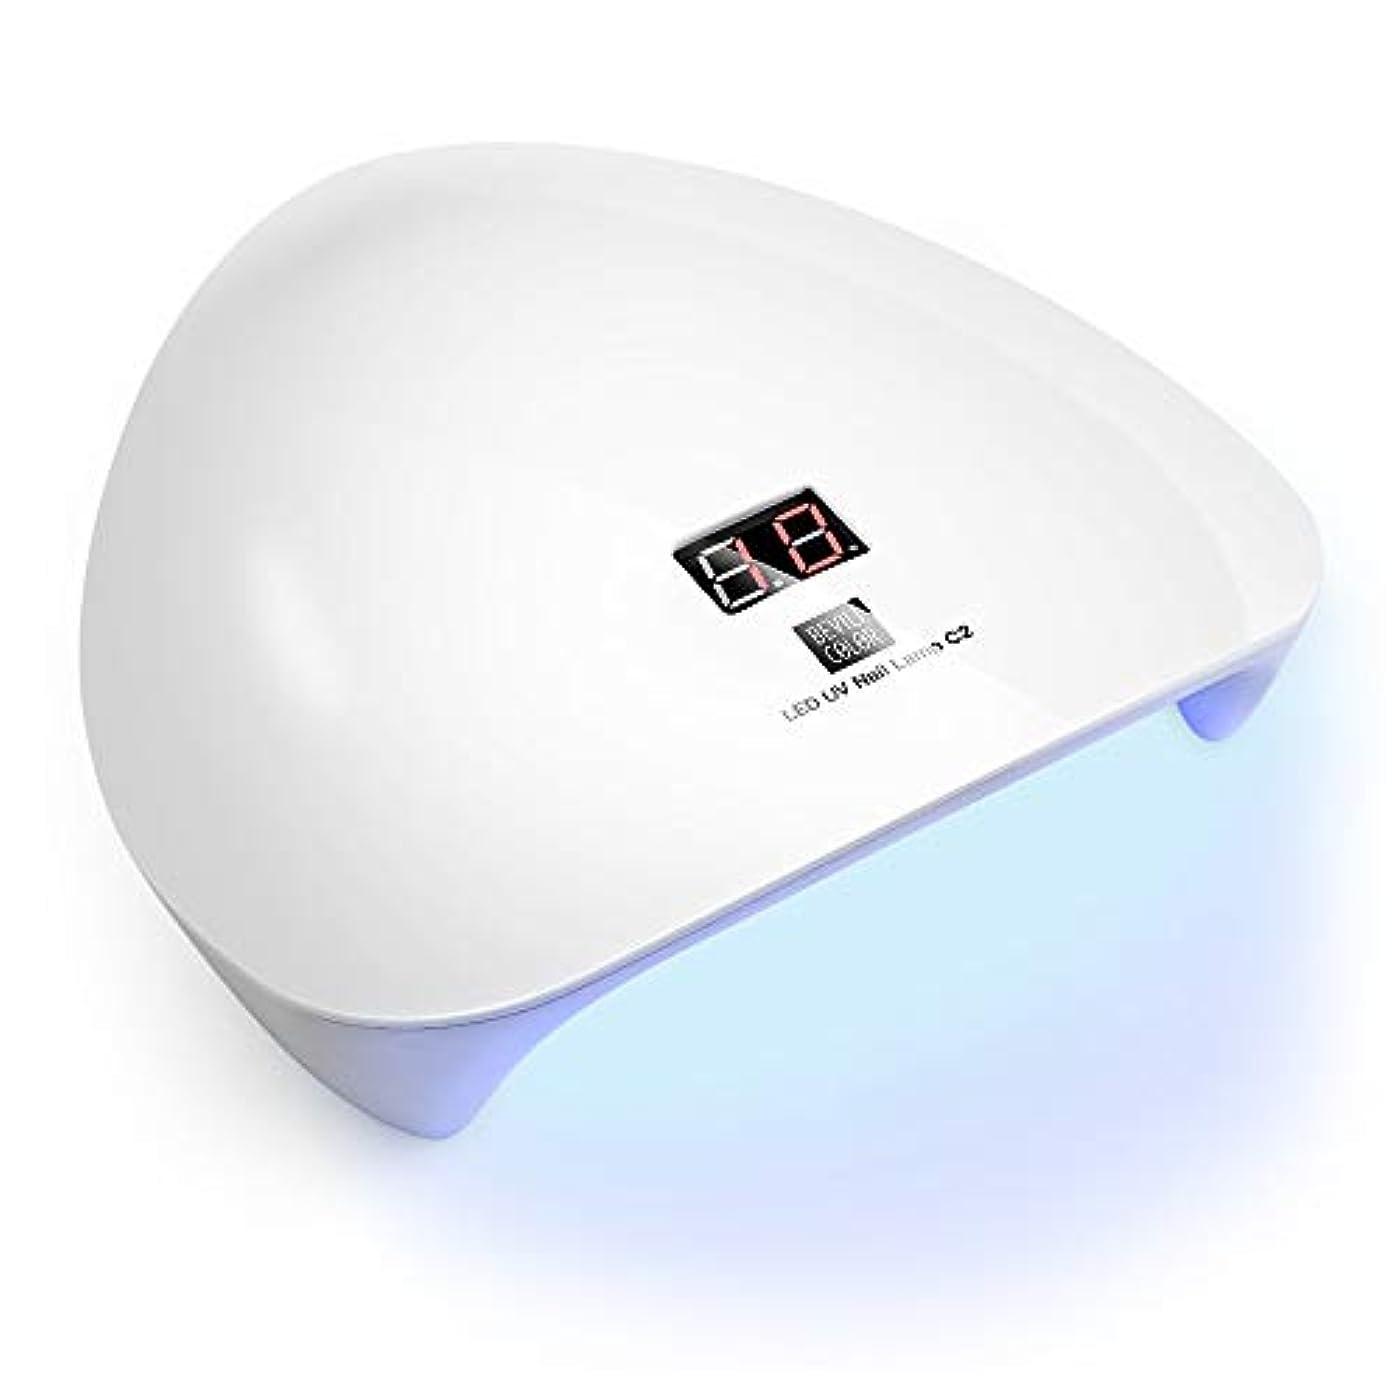 電話する位置する講堂WEVILI ネイル硬化用ライト UVライト LEDライト UVライトネイルドライヤー マニキュア用 LED ネイルドライヤー タイマー機能 自動センサー機能 レジン 便利 (45W 硬化用UVライト)